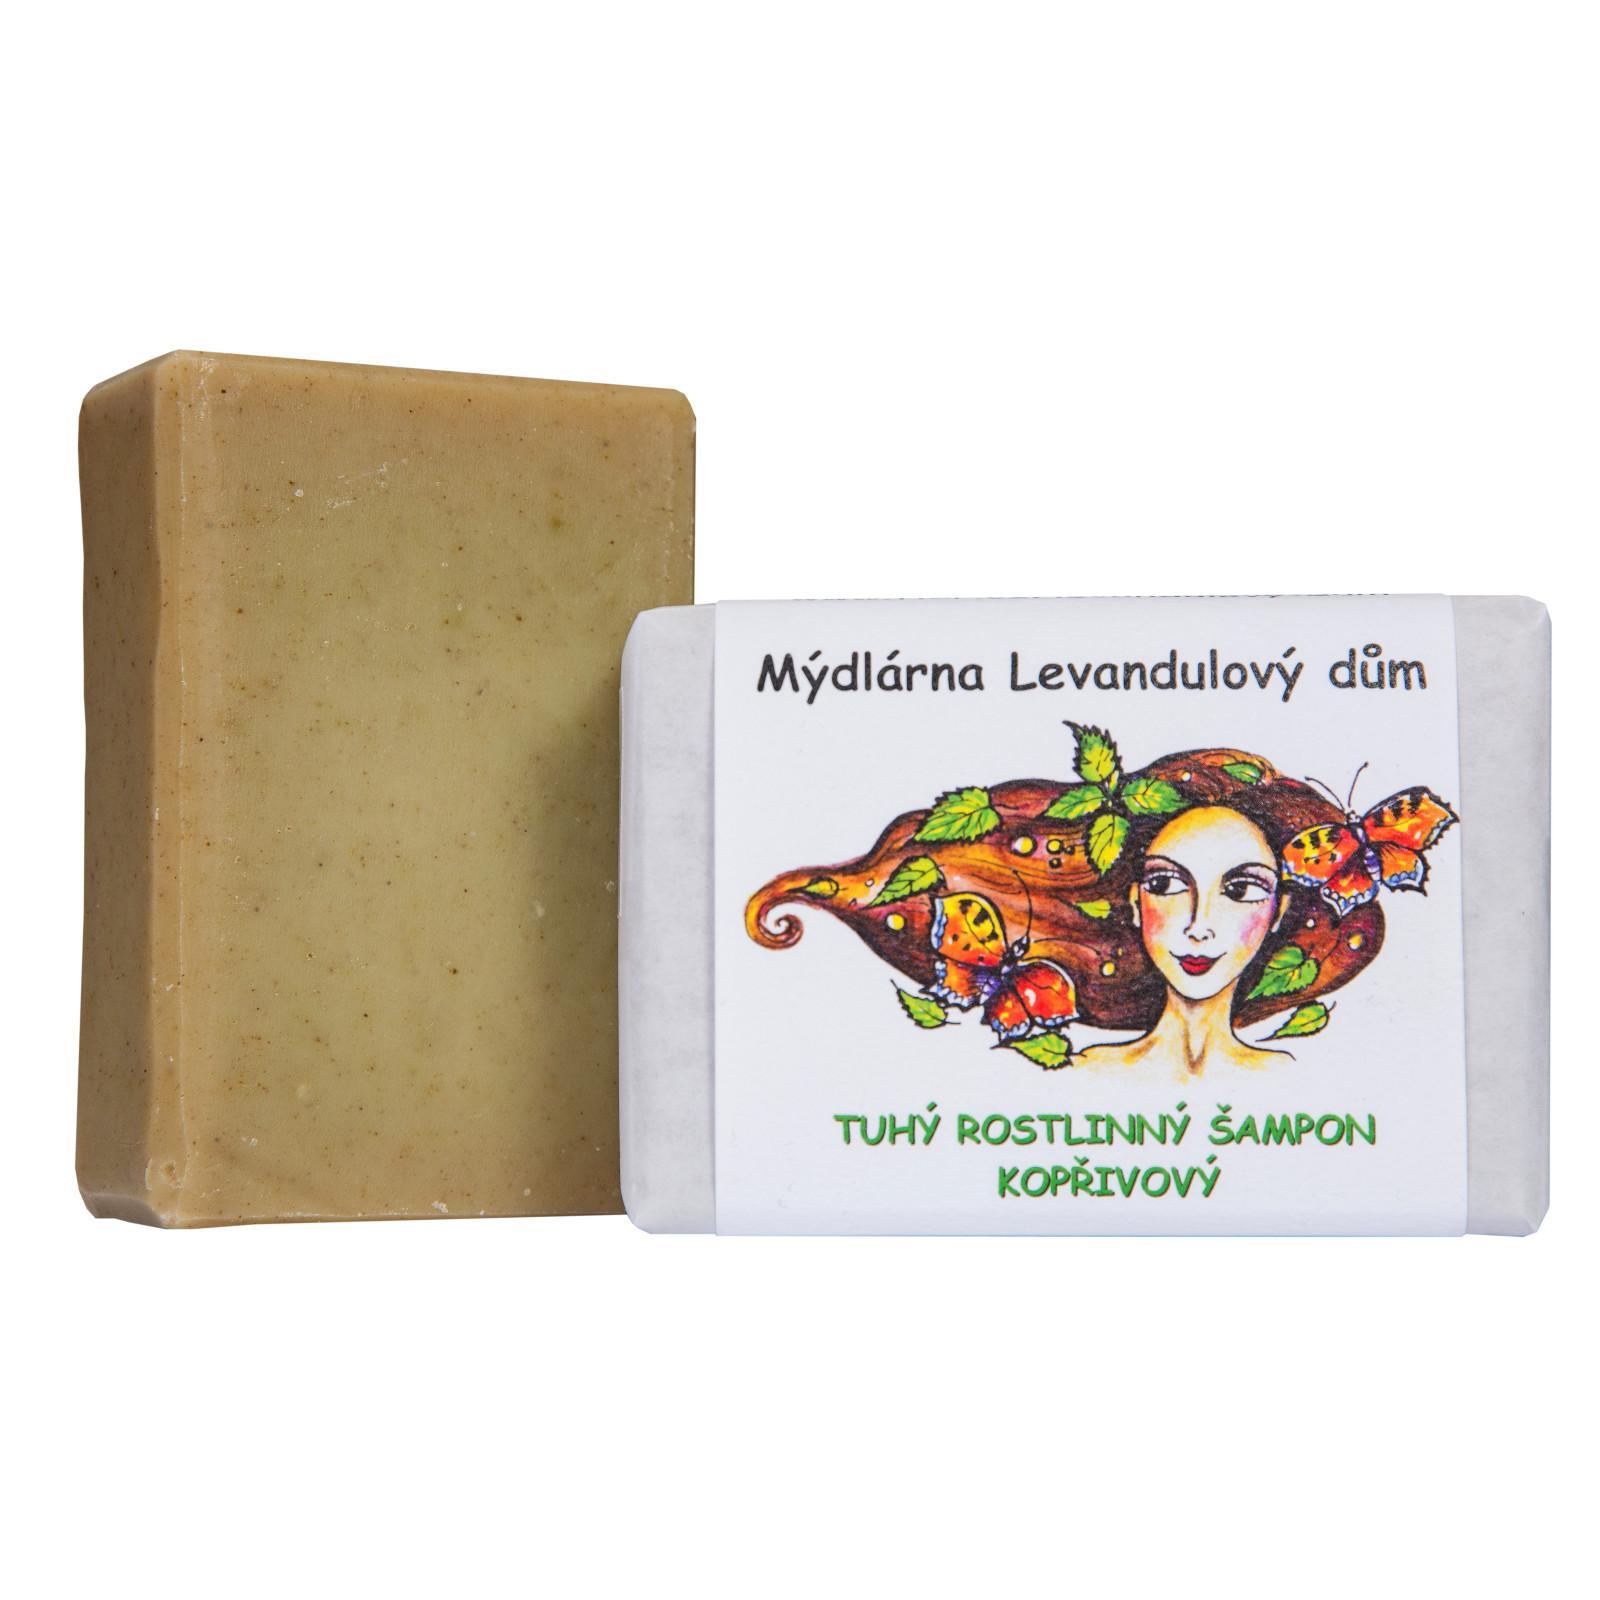 Mýdlárna Levandulový dům Tuhý šampon Kopřivový 120 g